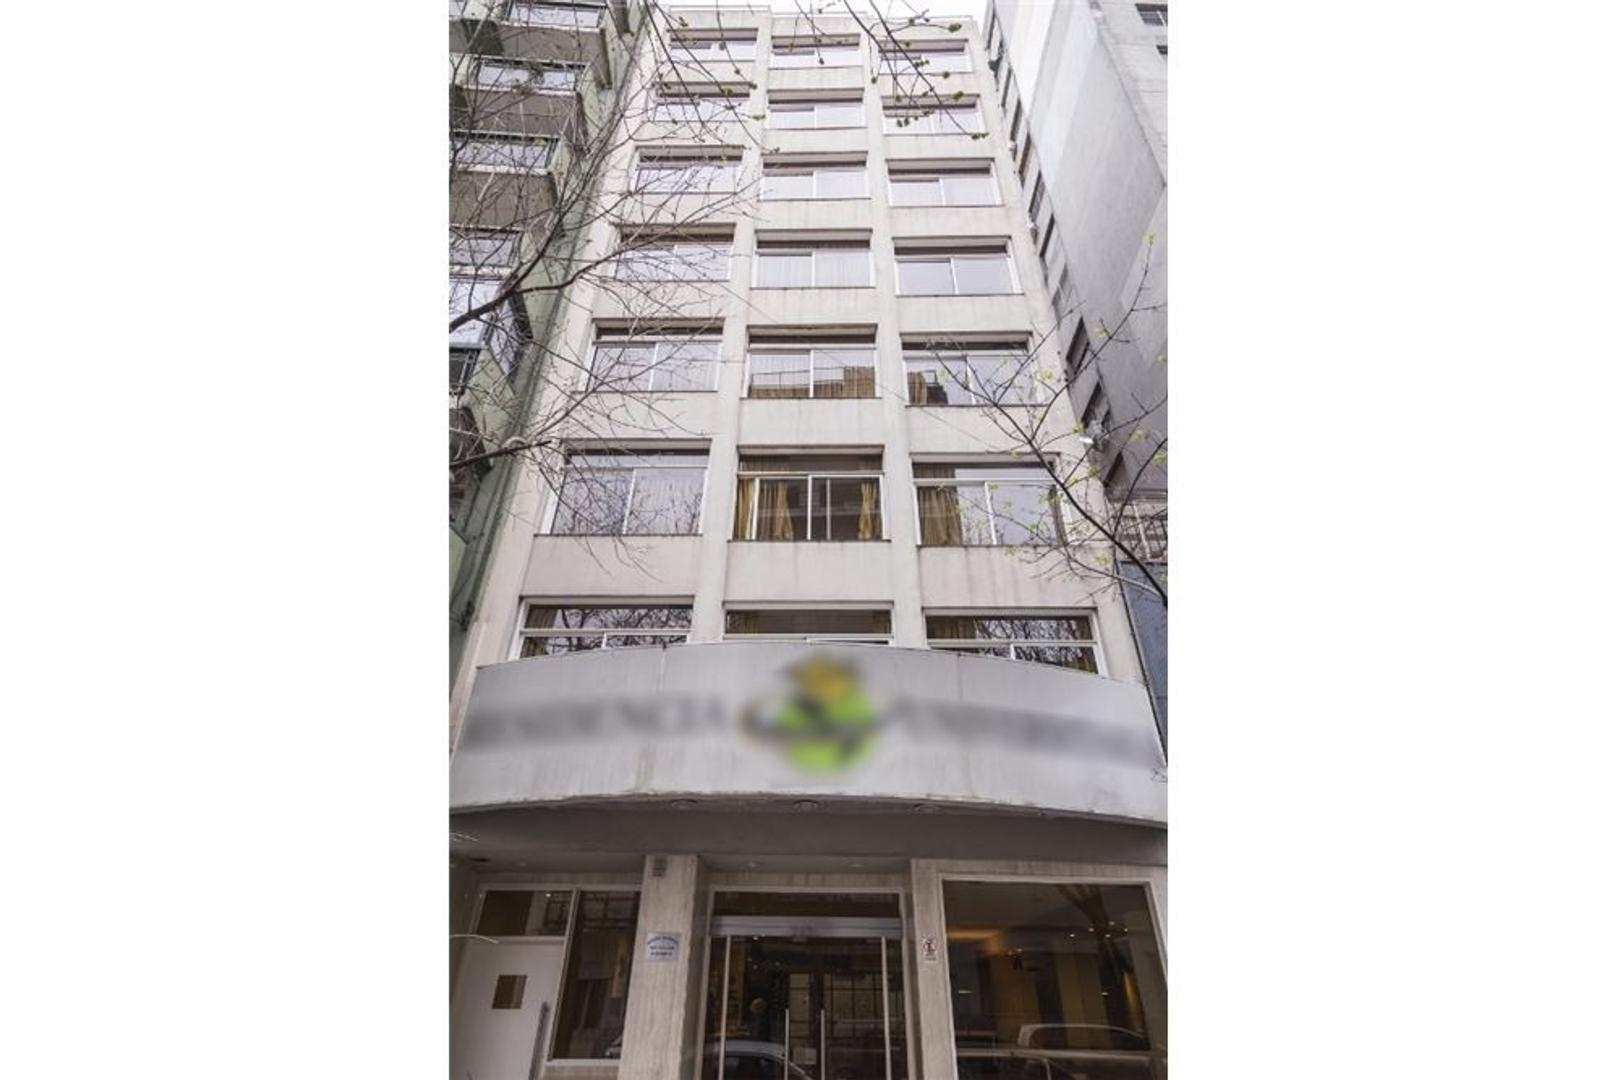 EXCLUSIVO HOTEL EN VENTA!